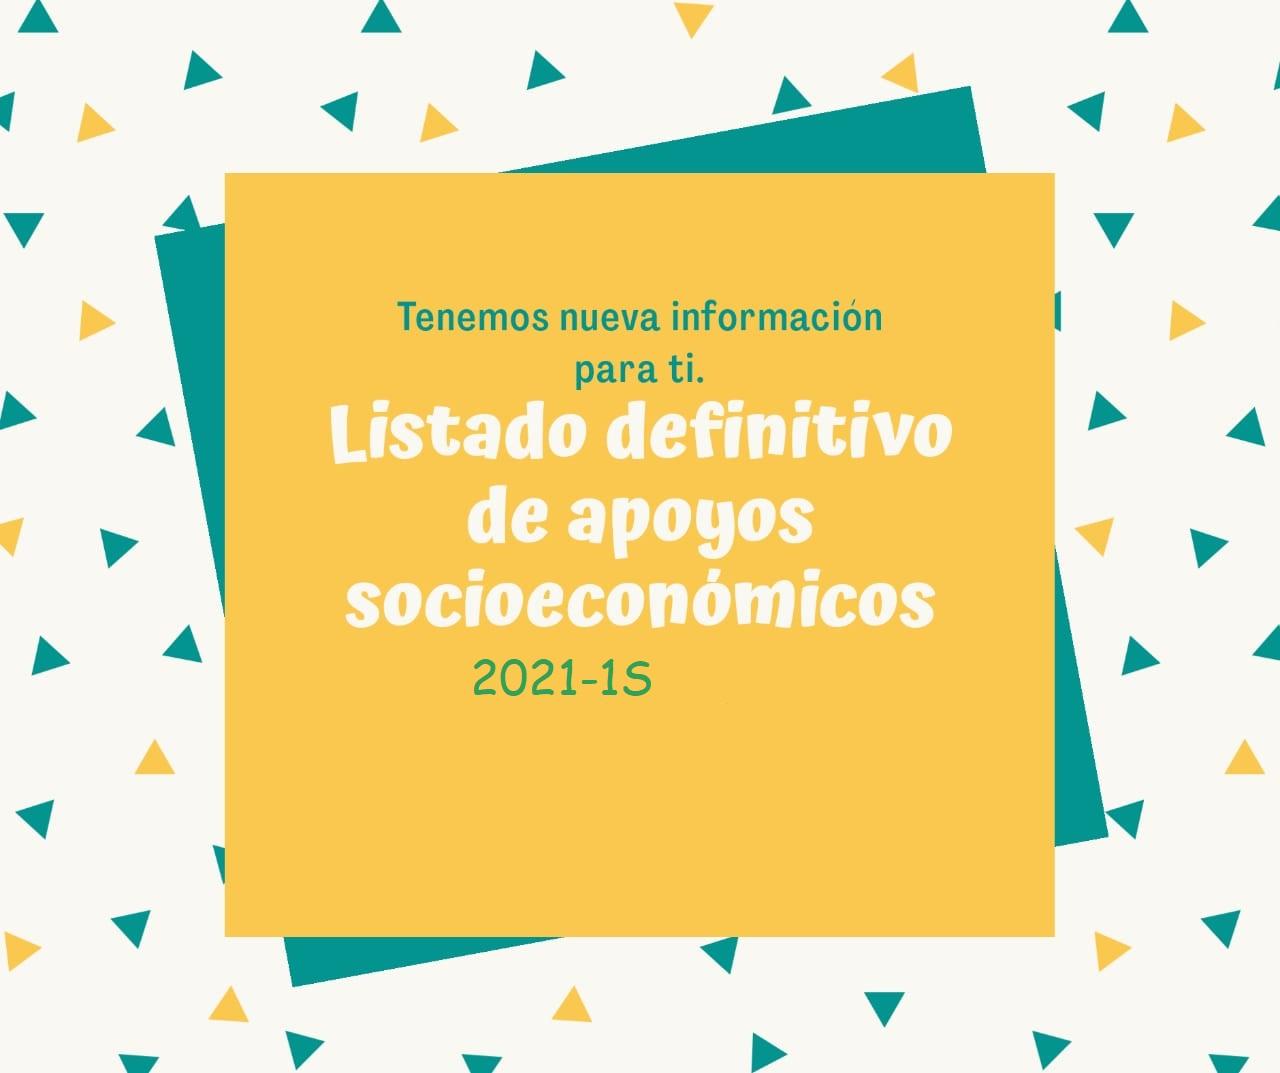 image_-_direccion_de_bienestar_facultad_de_ciencias_agrarias.jpg